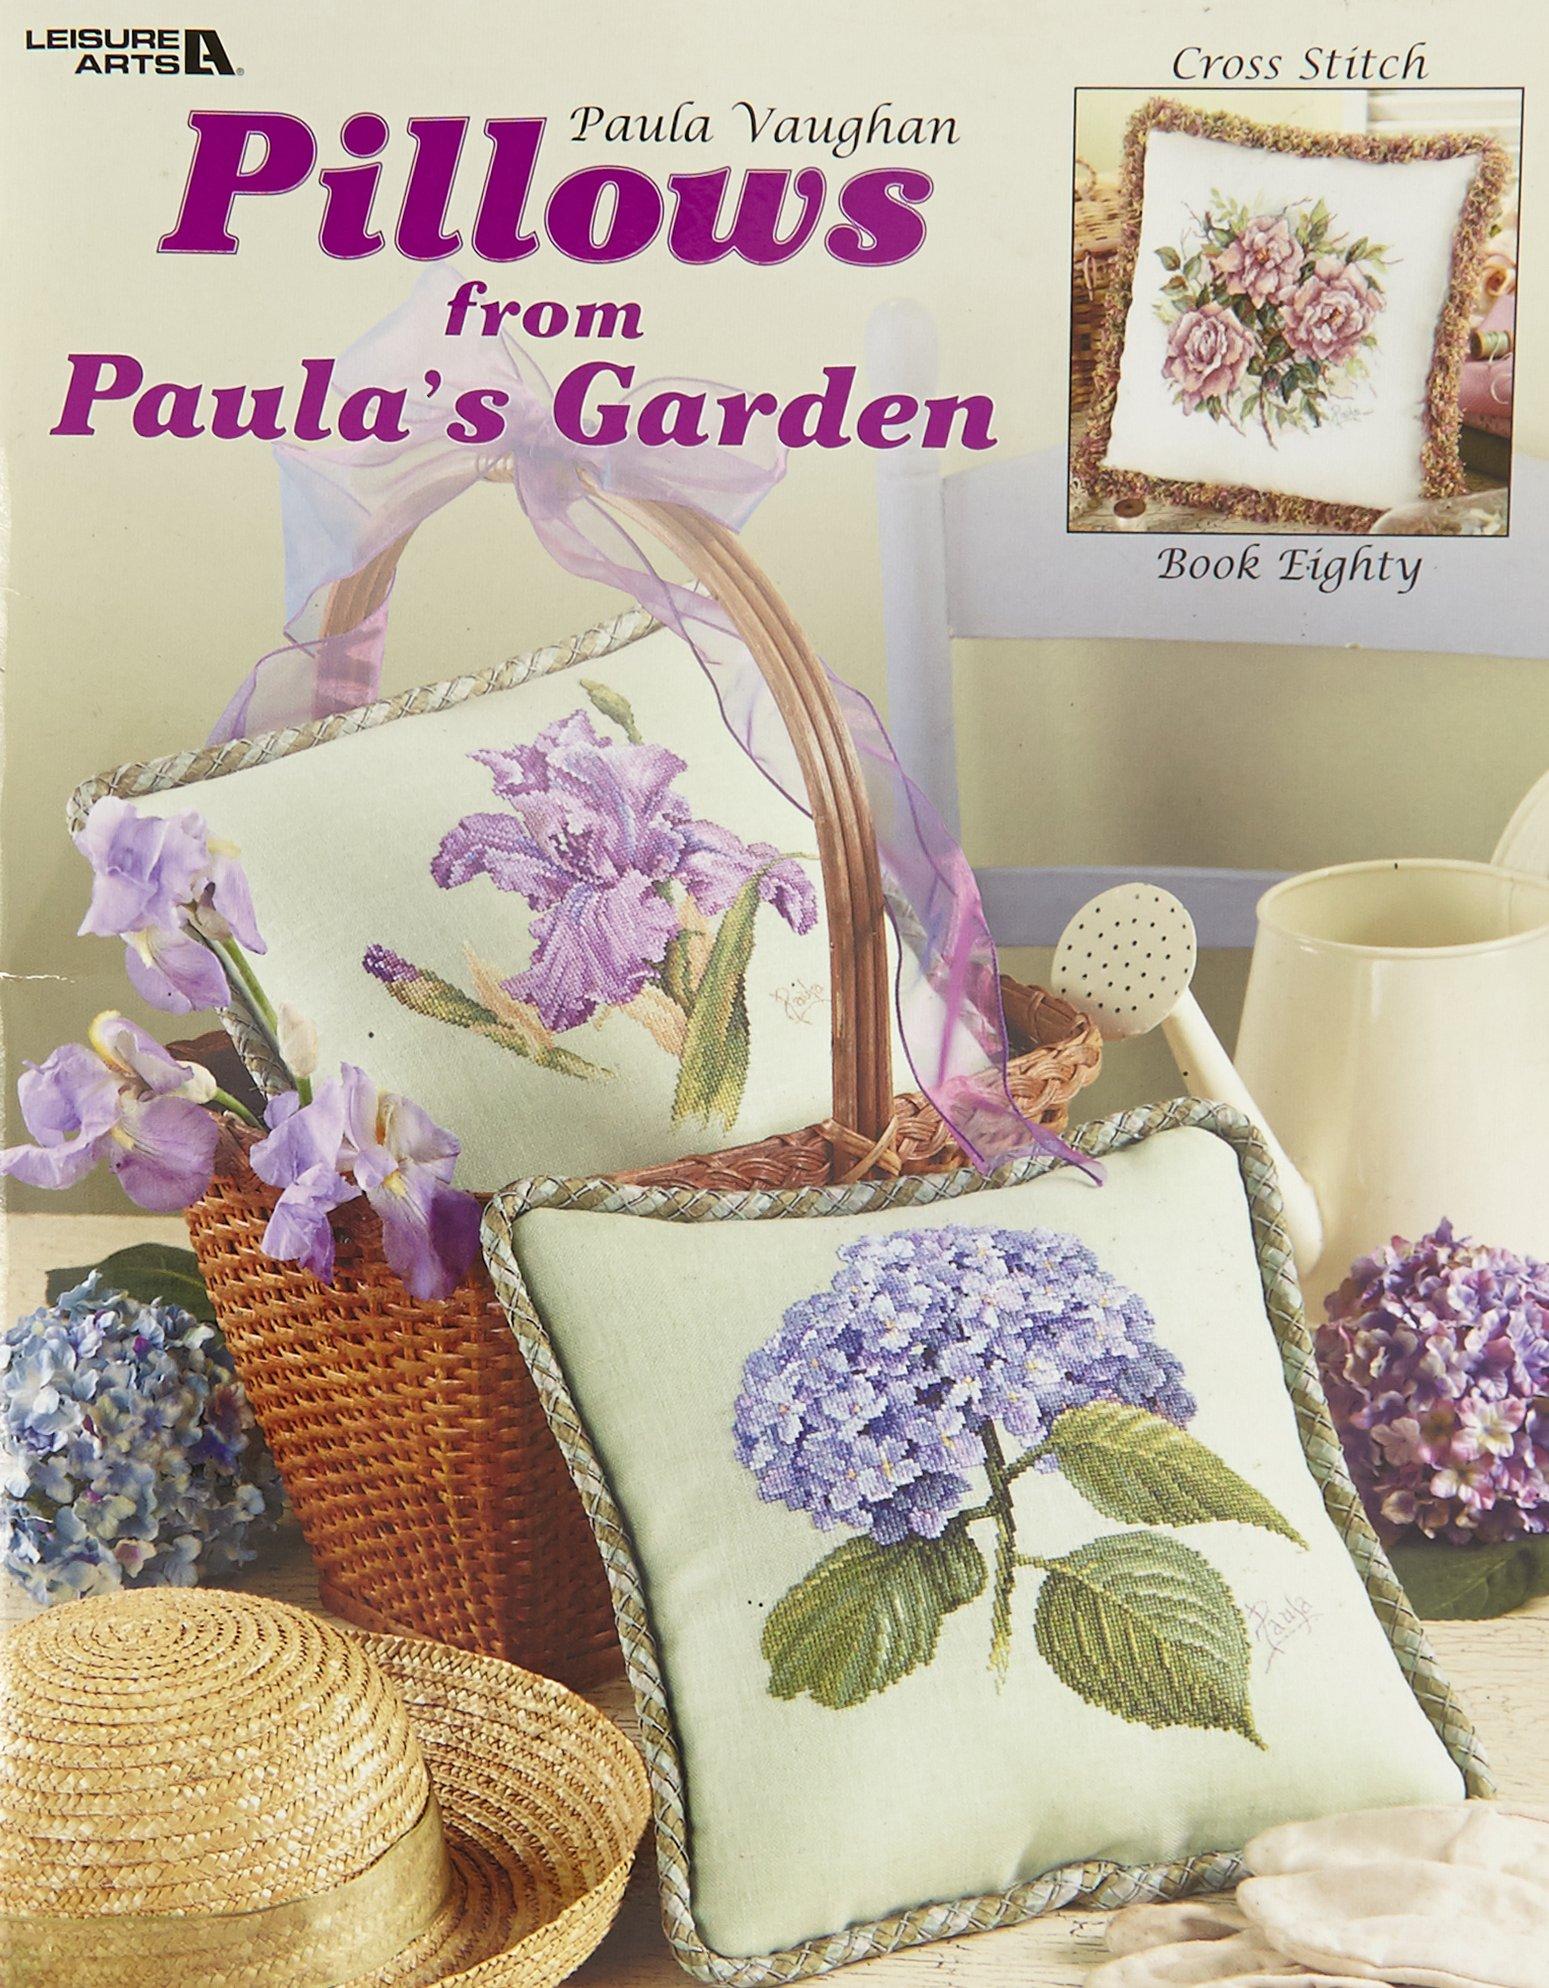 Pillows from Paula's Garden